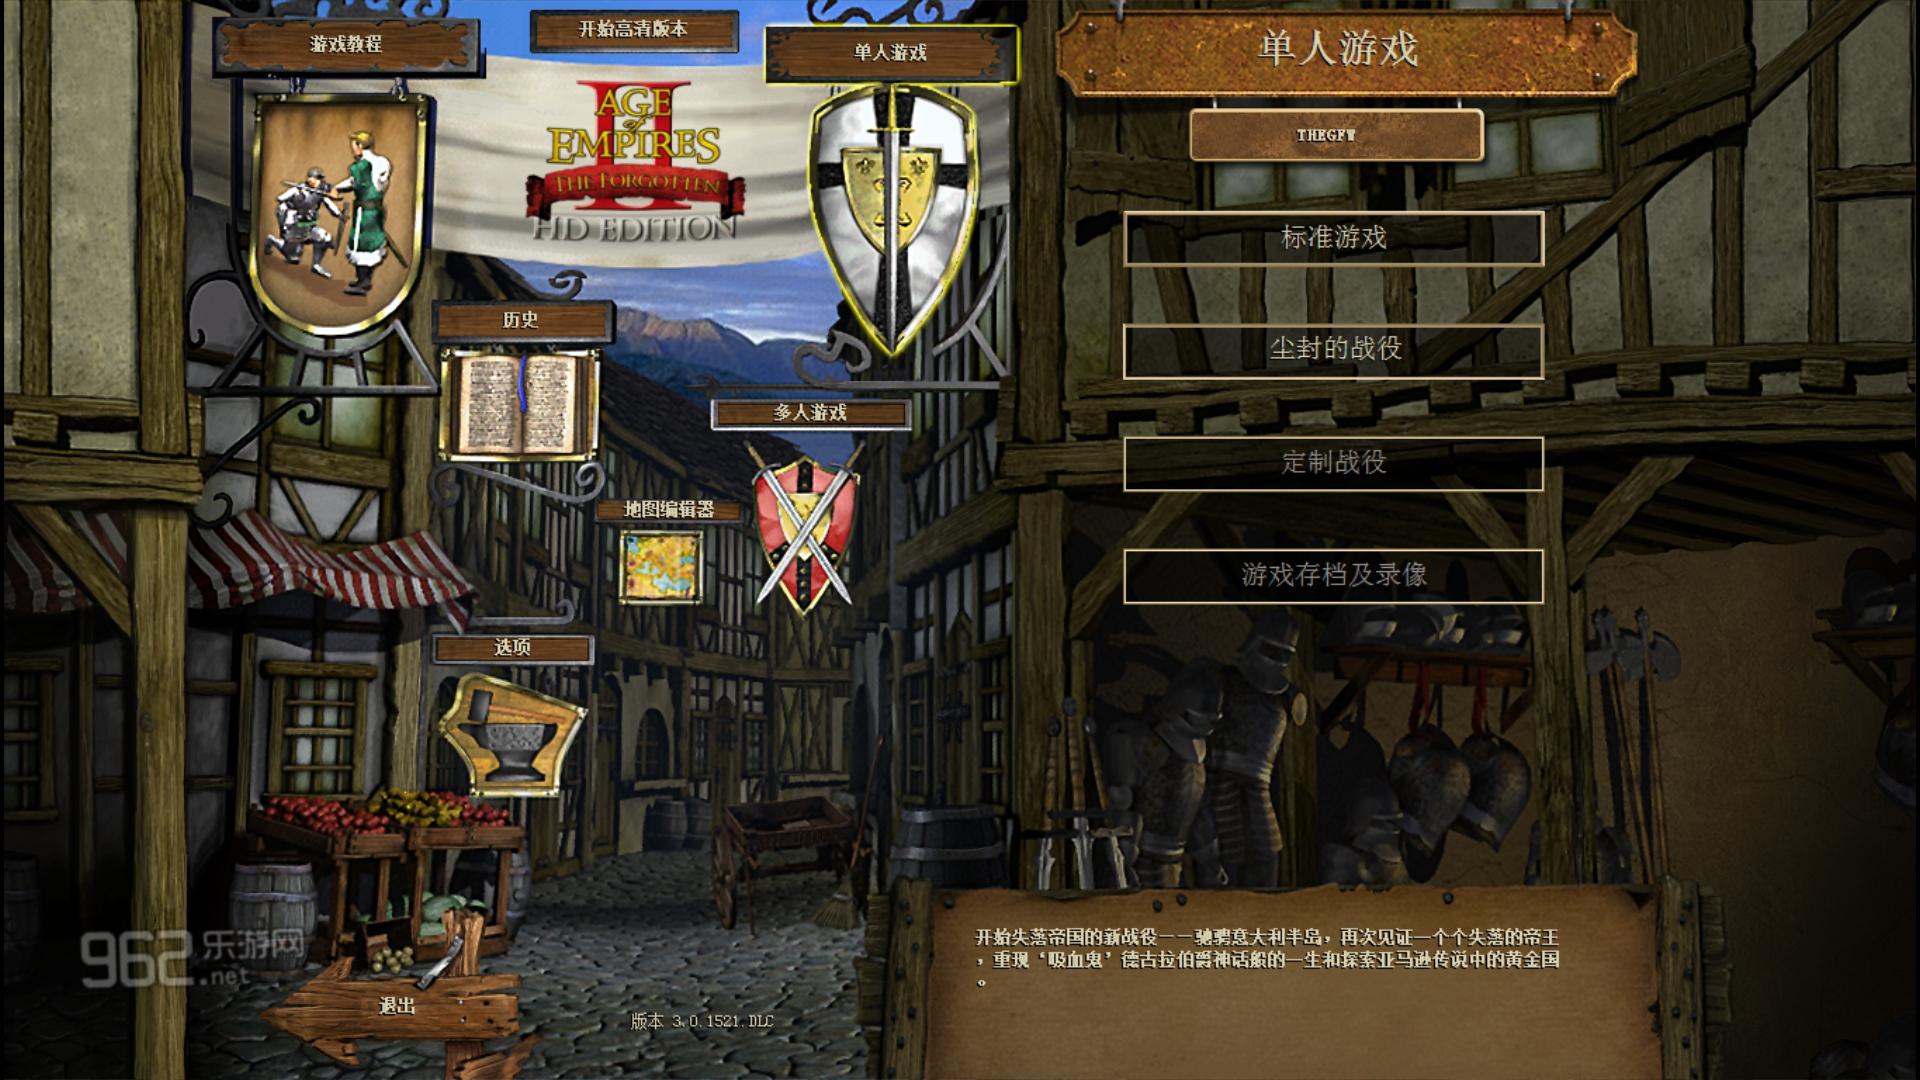 帝国时代2:非洲王国官方中文版截图4